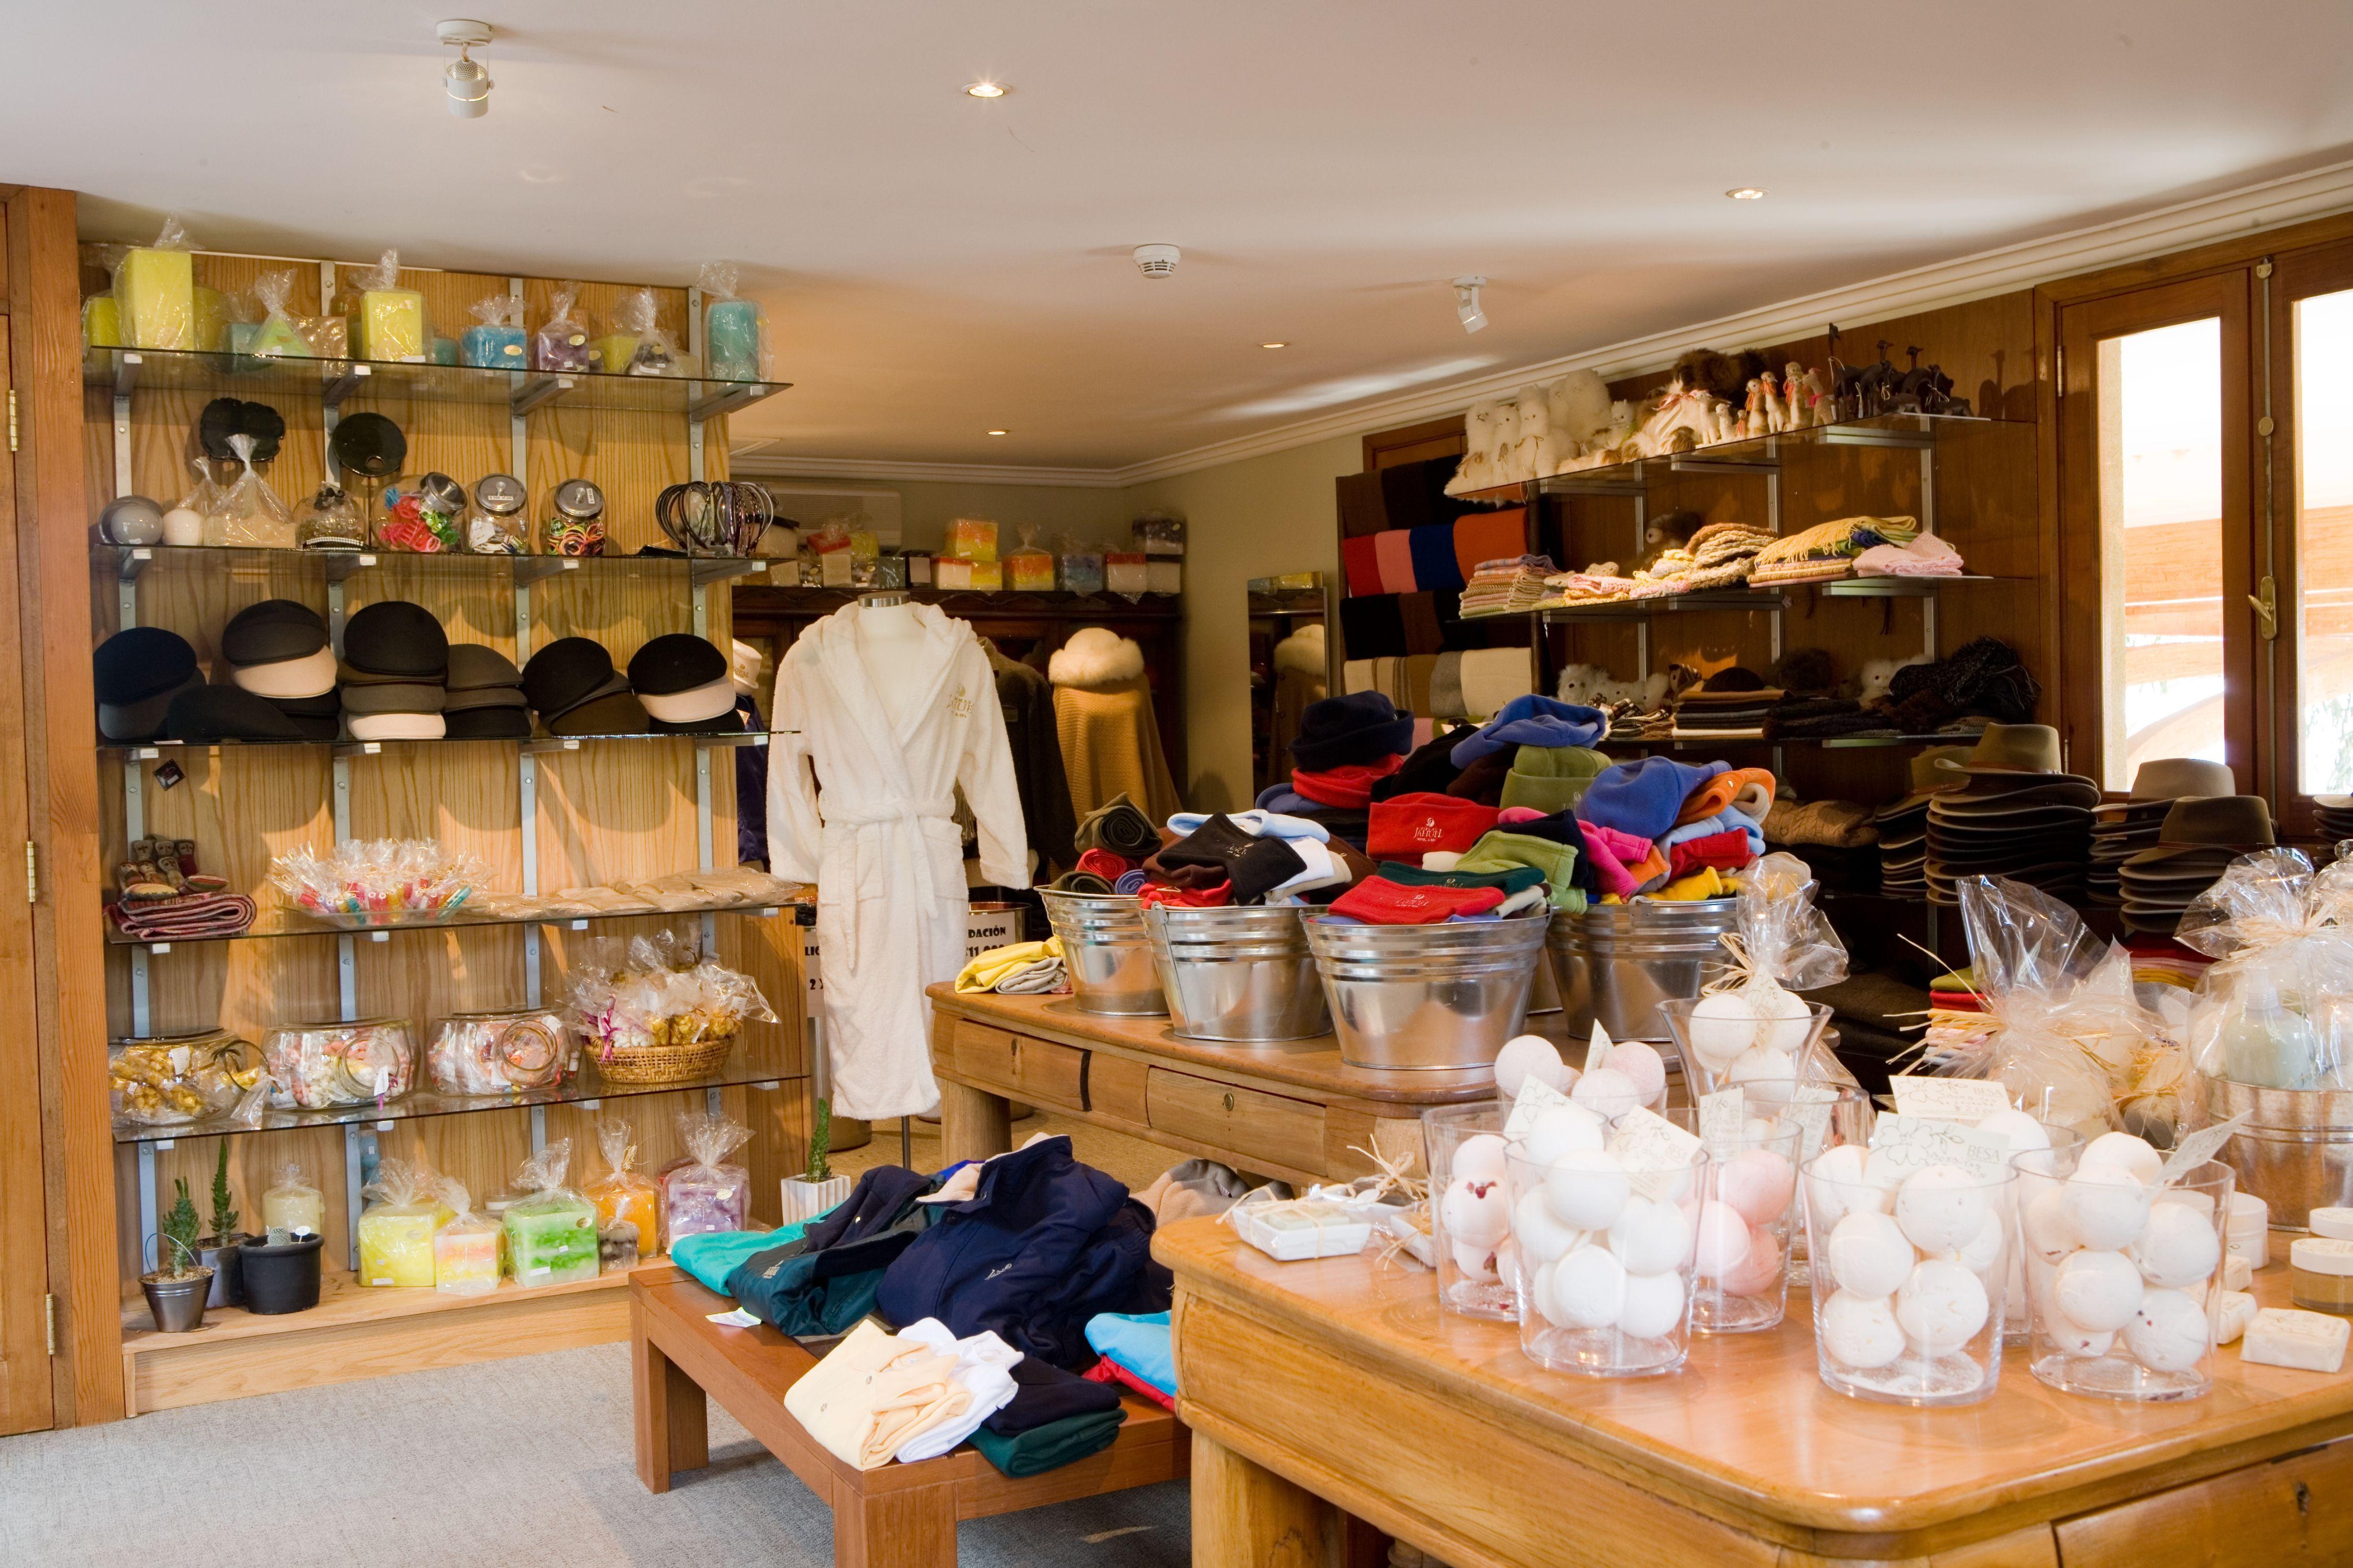 Vestimenta y productos de belleza/Clothing and Beauty products